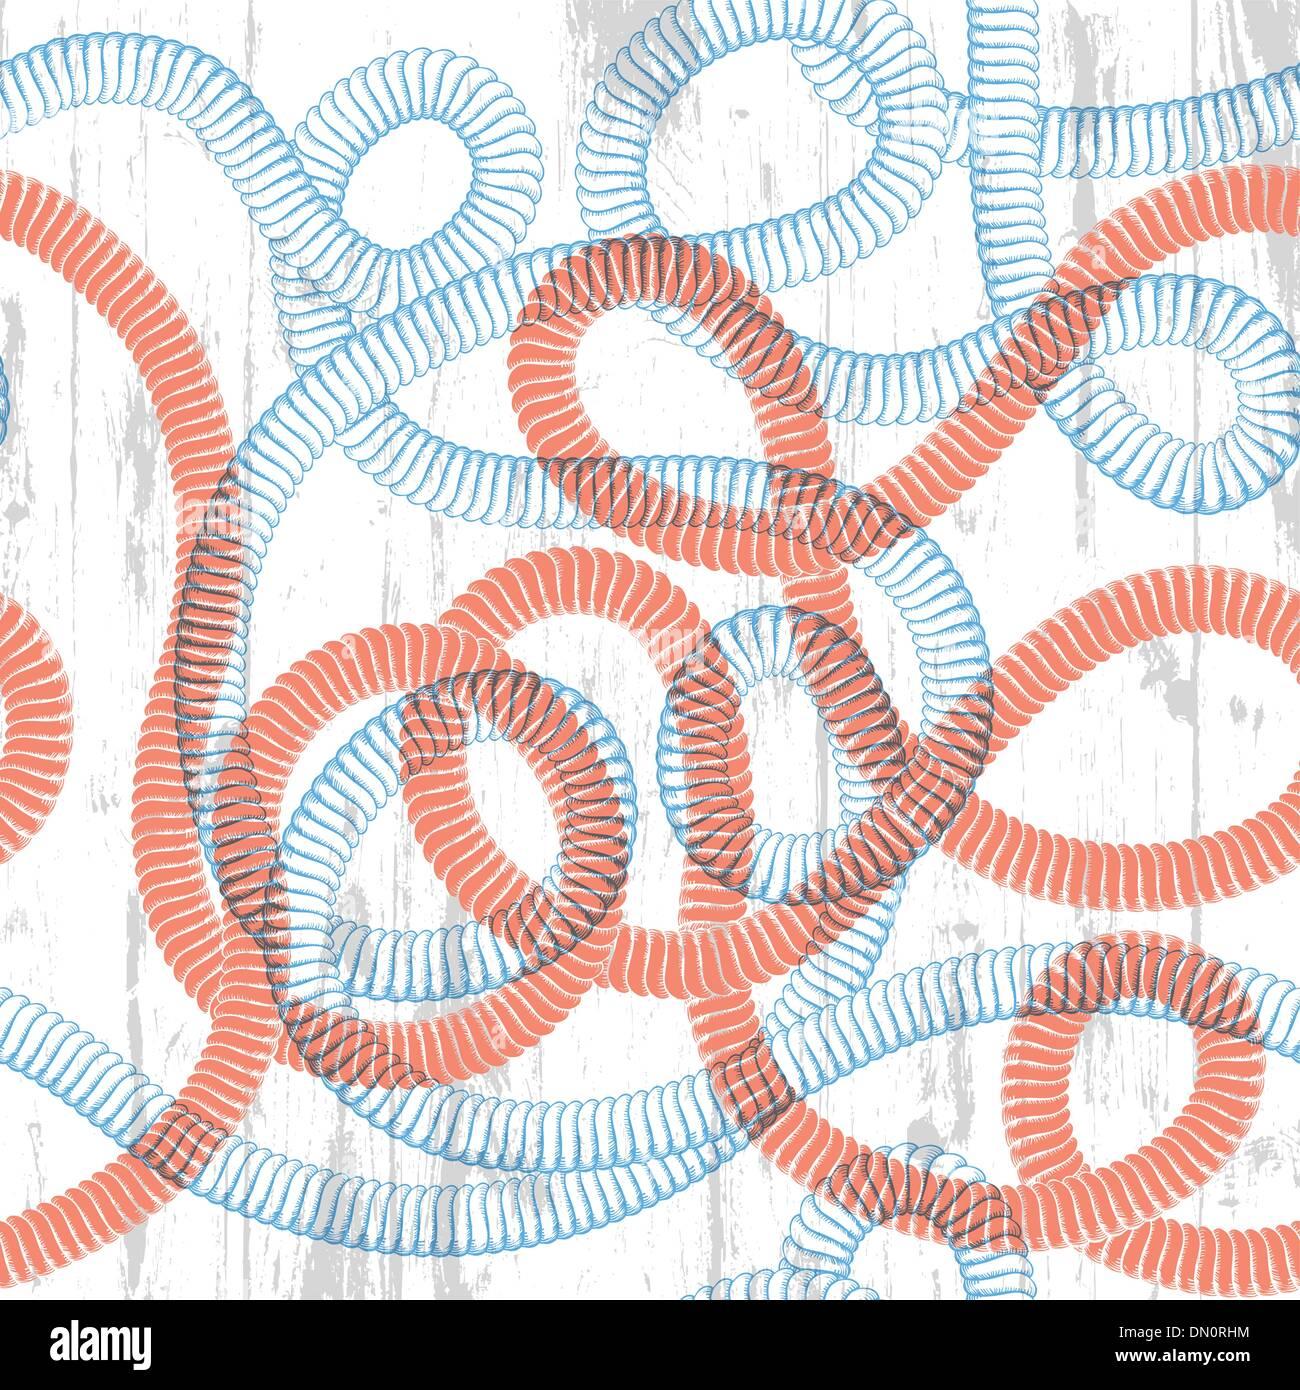 Cuerda de textura fluida. Resumen Antecedentes La temática de marinero. Vector Imagen De Stock